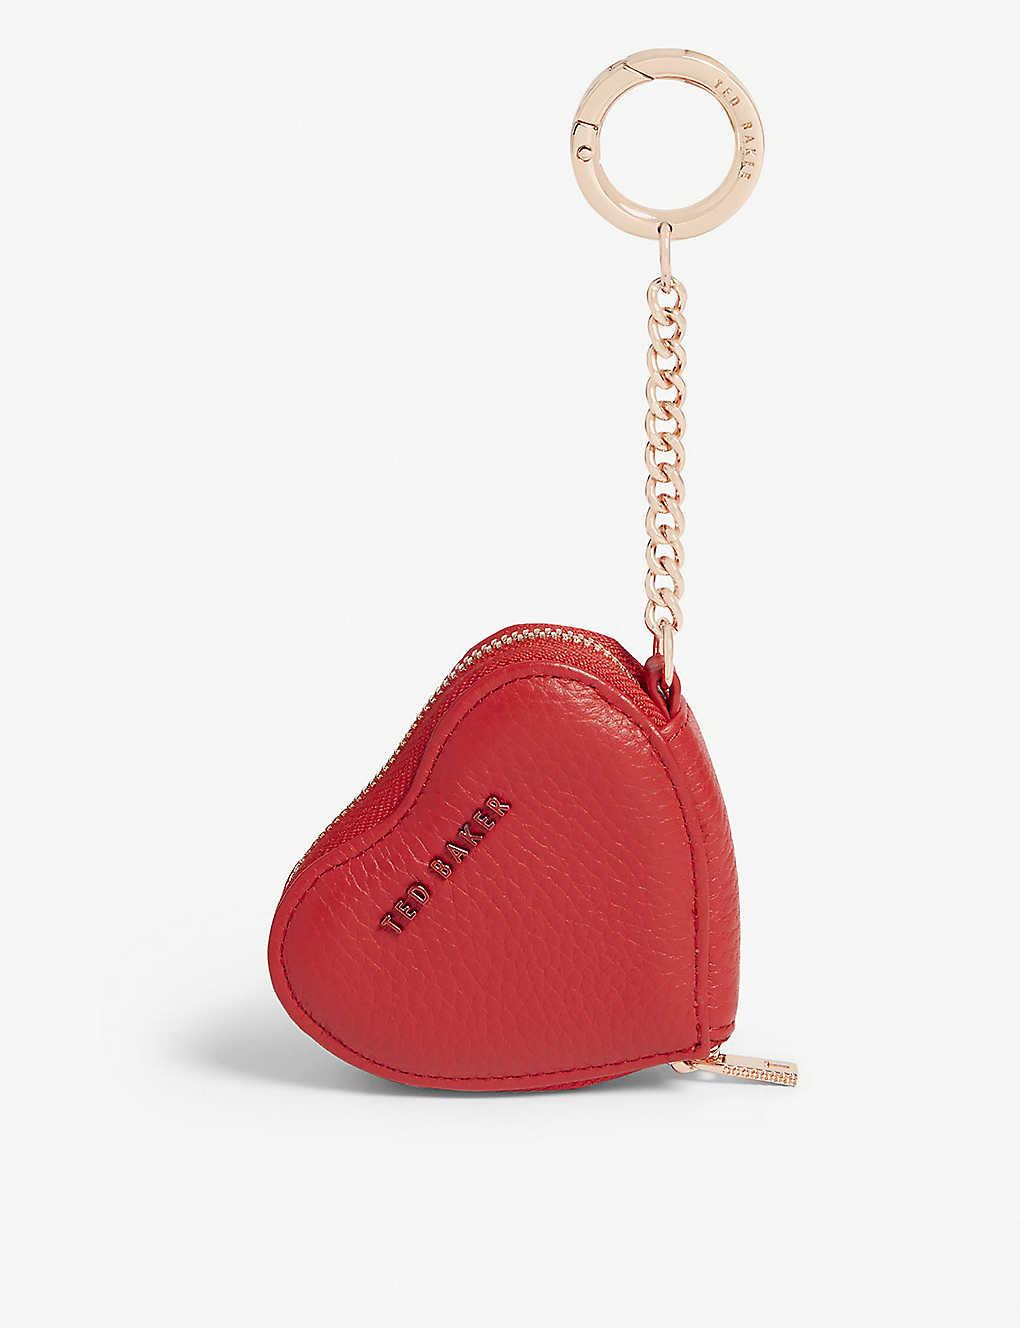 690fbcdc8 Kahi leather coin purse  Kahi leather coin purse ...